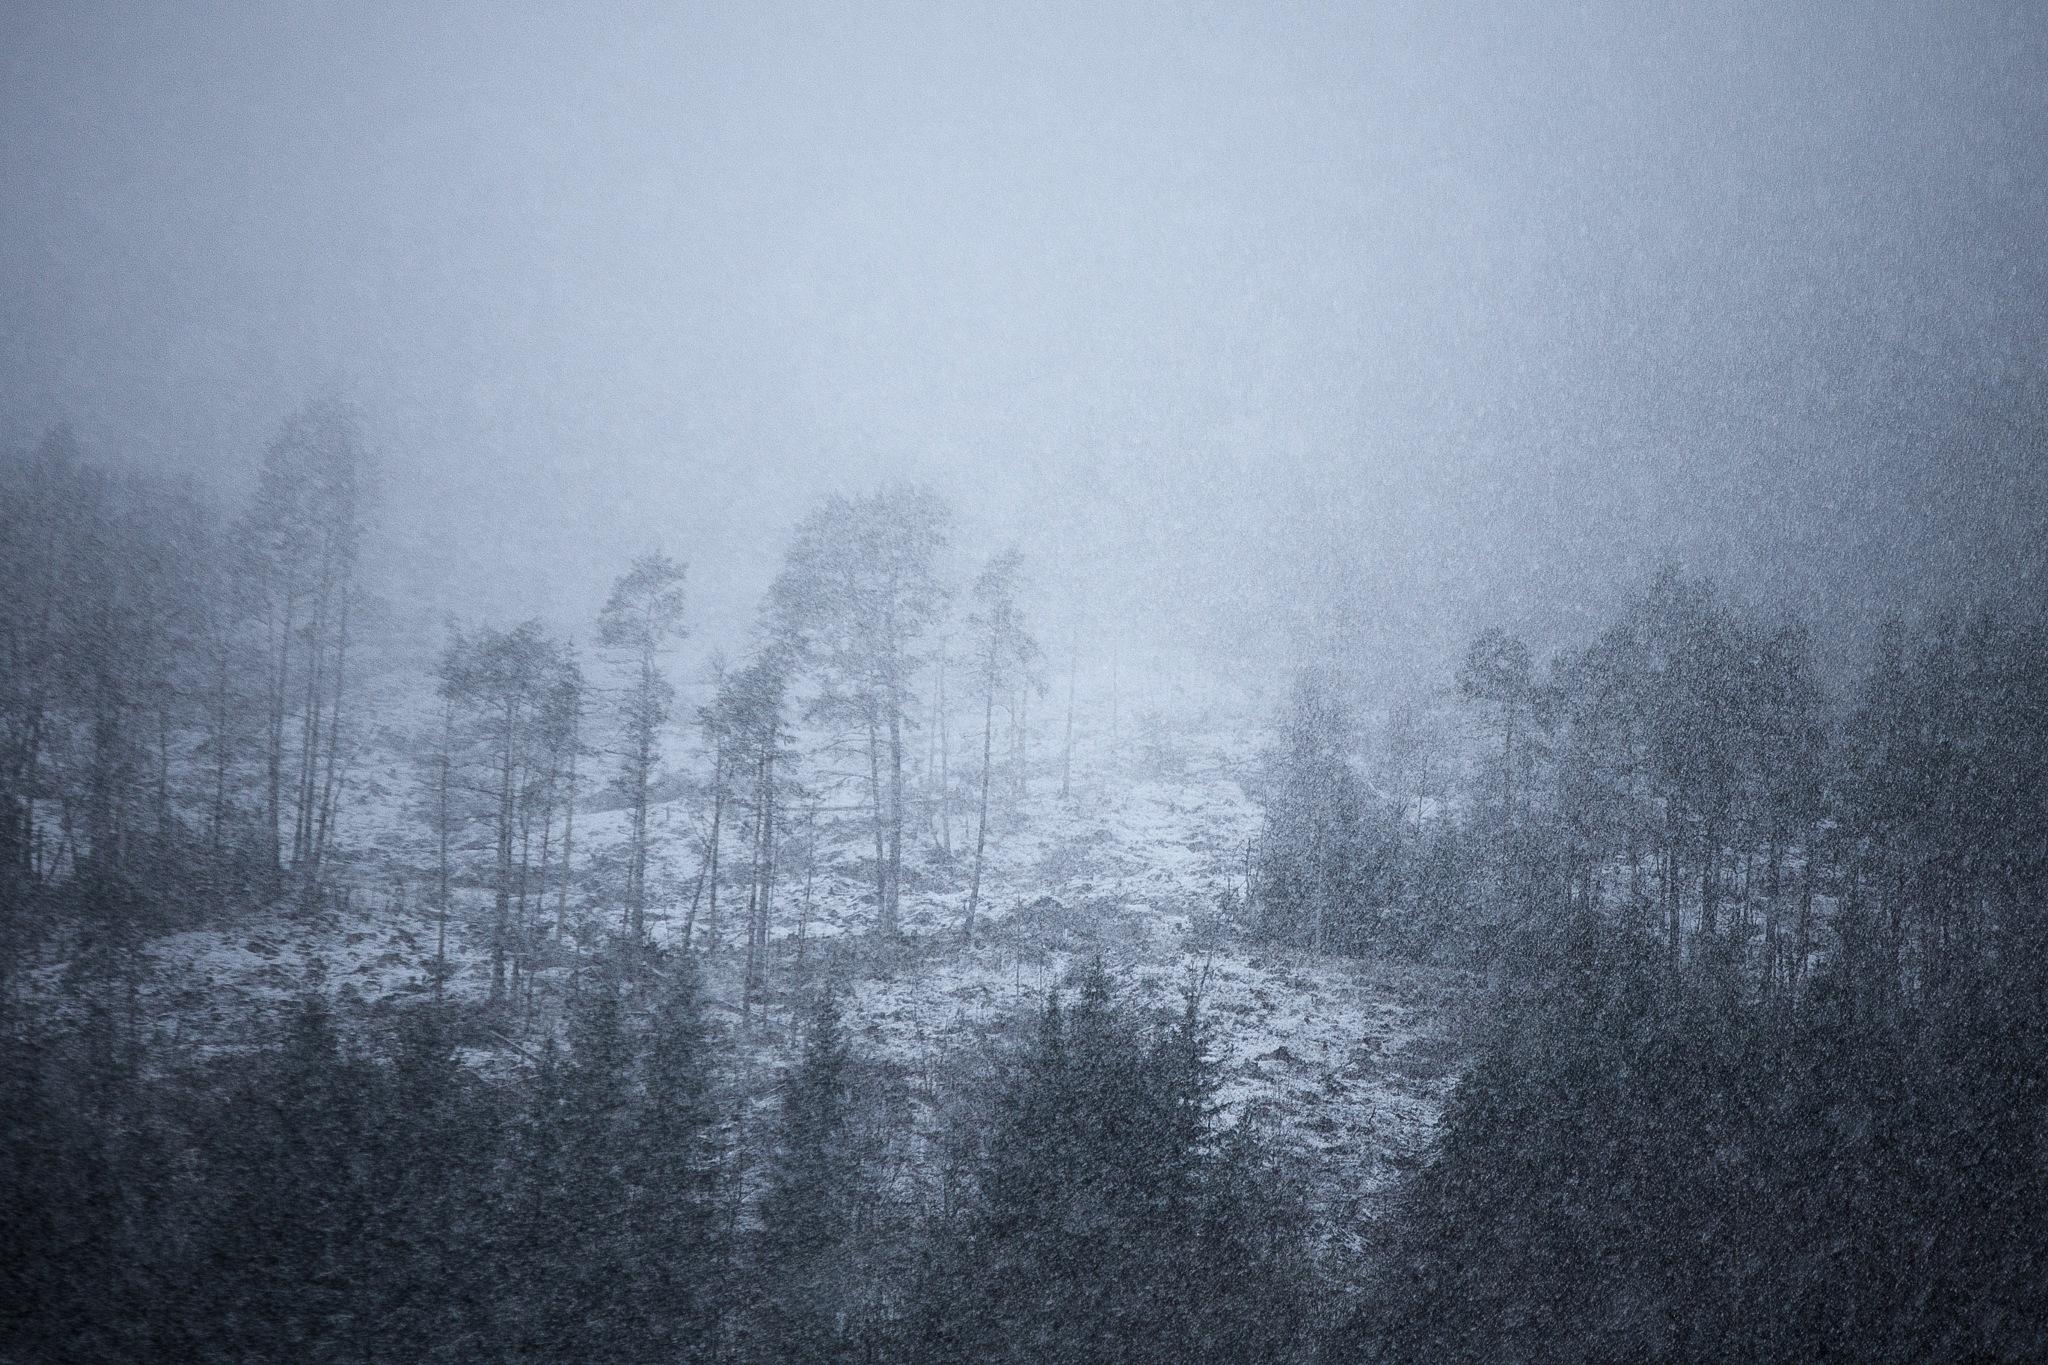 Winter forest by Vegar Samestad Hansen